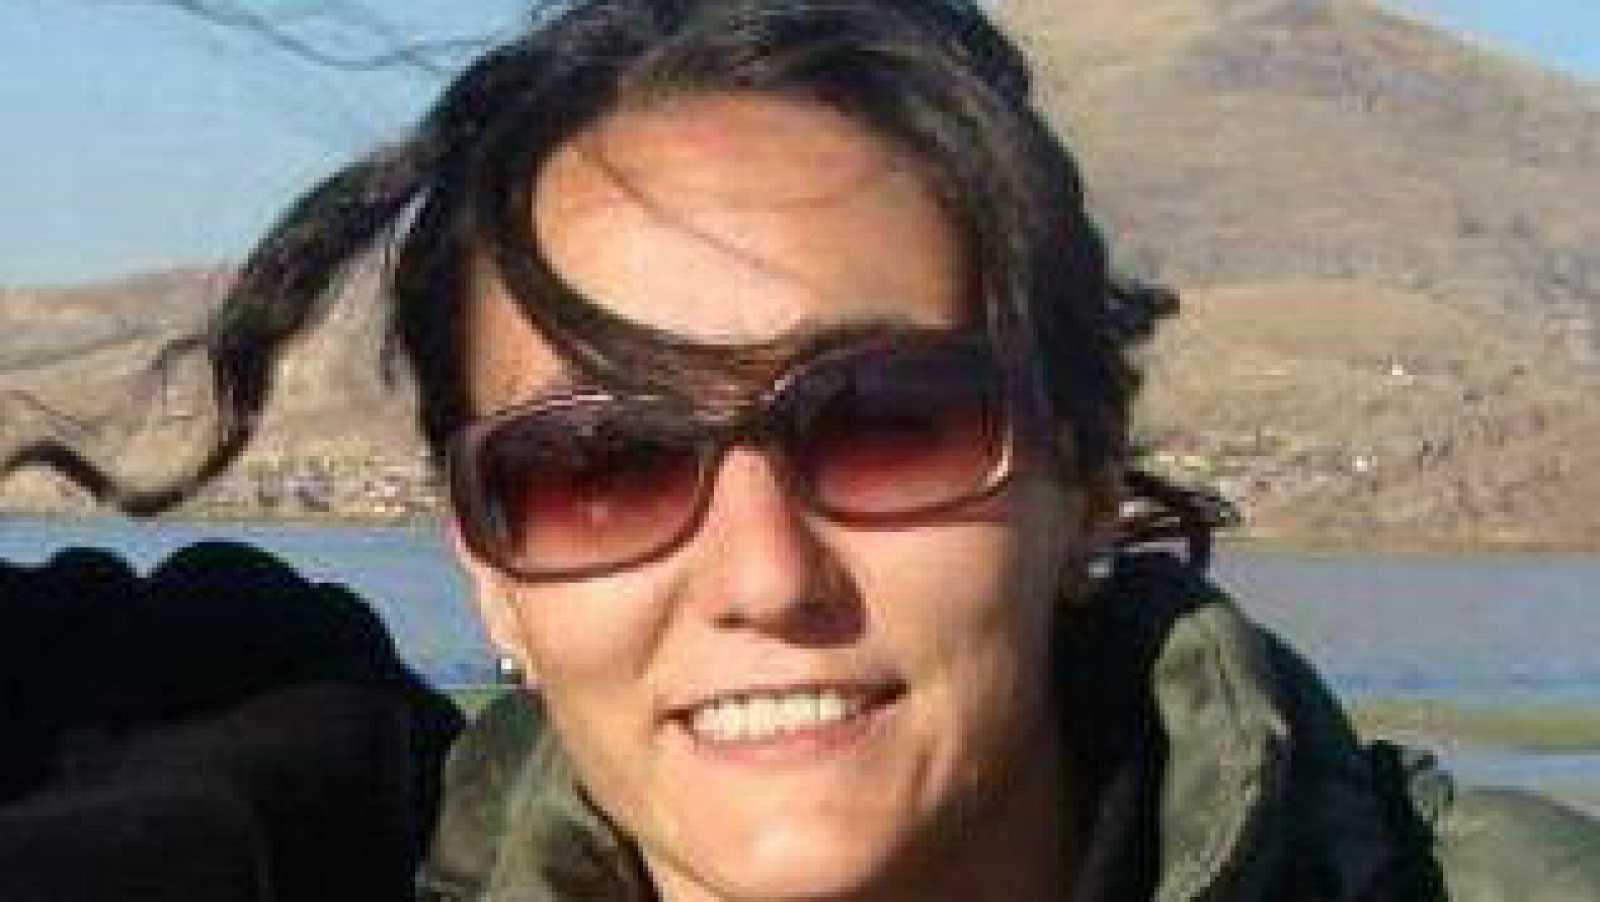 África hoy - La periodista Aurora Moreno Alcojor recibe el Premio de Ensayo de Casa África - 20/01/21 - escuchar ahora